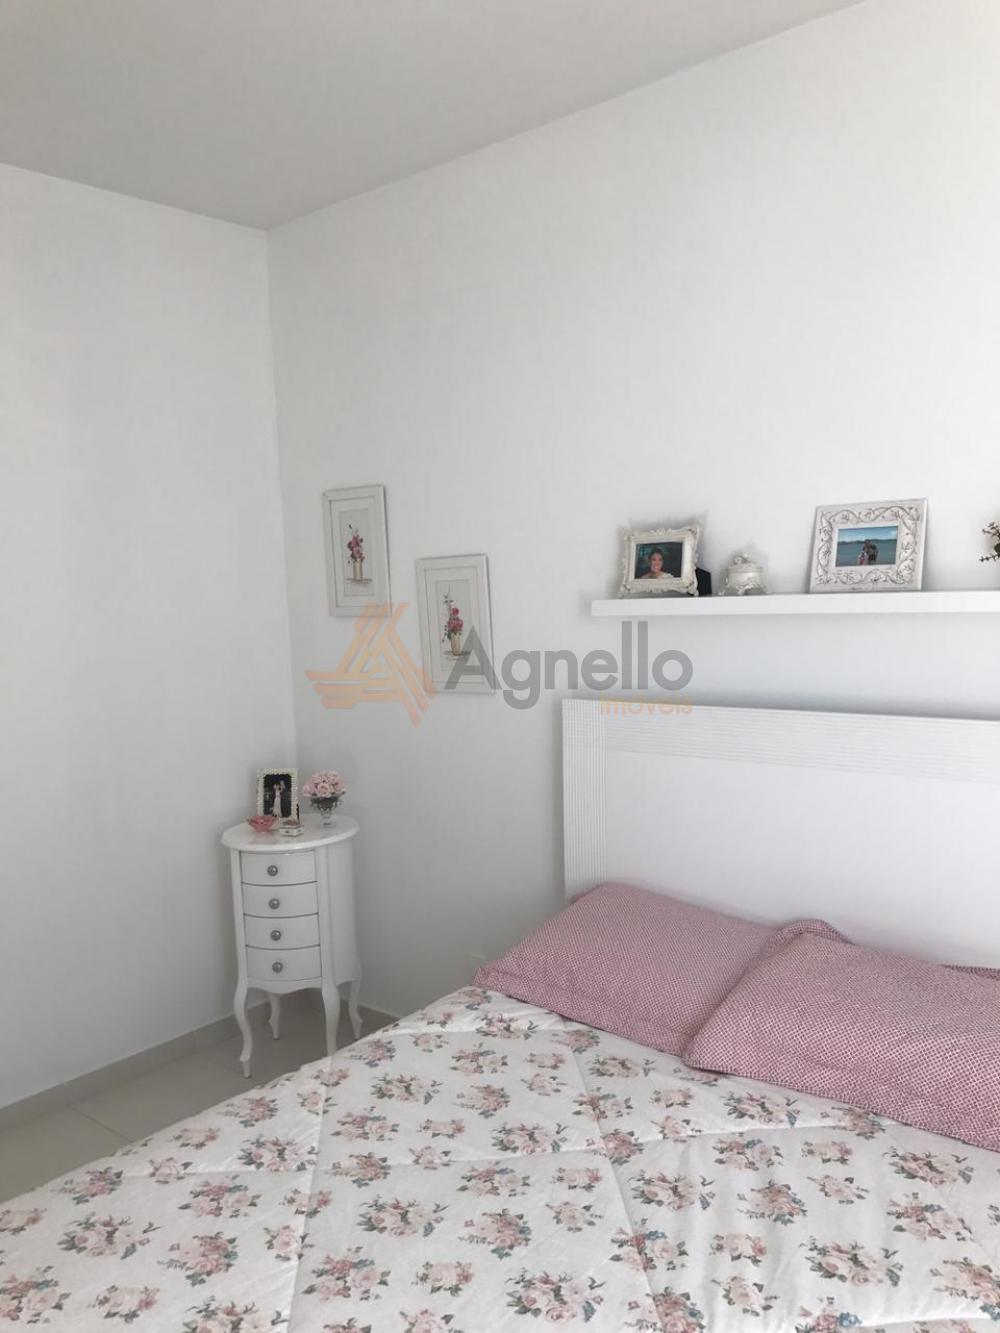 Comprar Casa / Condomínio em Franca R$ 650.000,00 - Foto 16